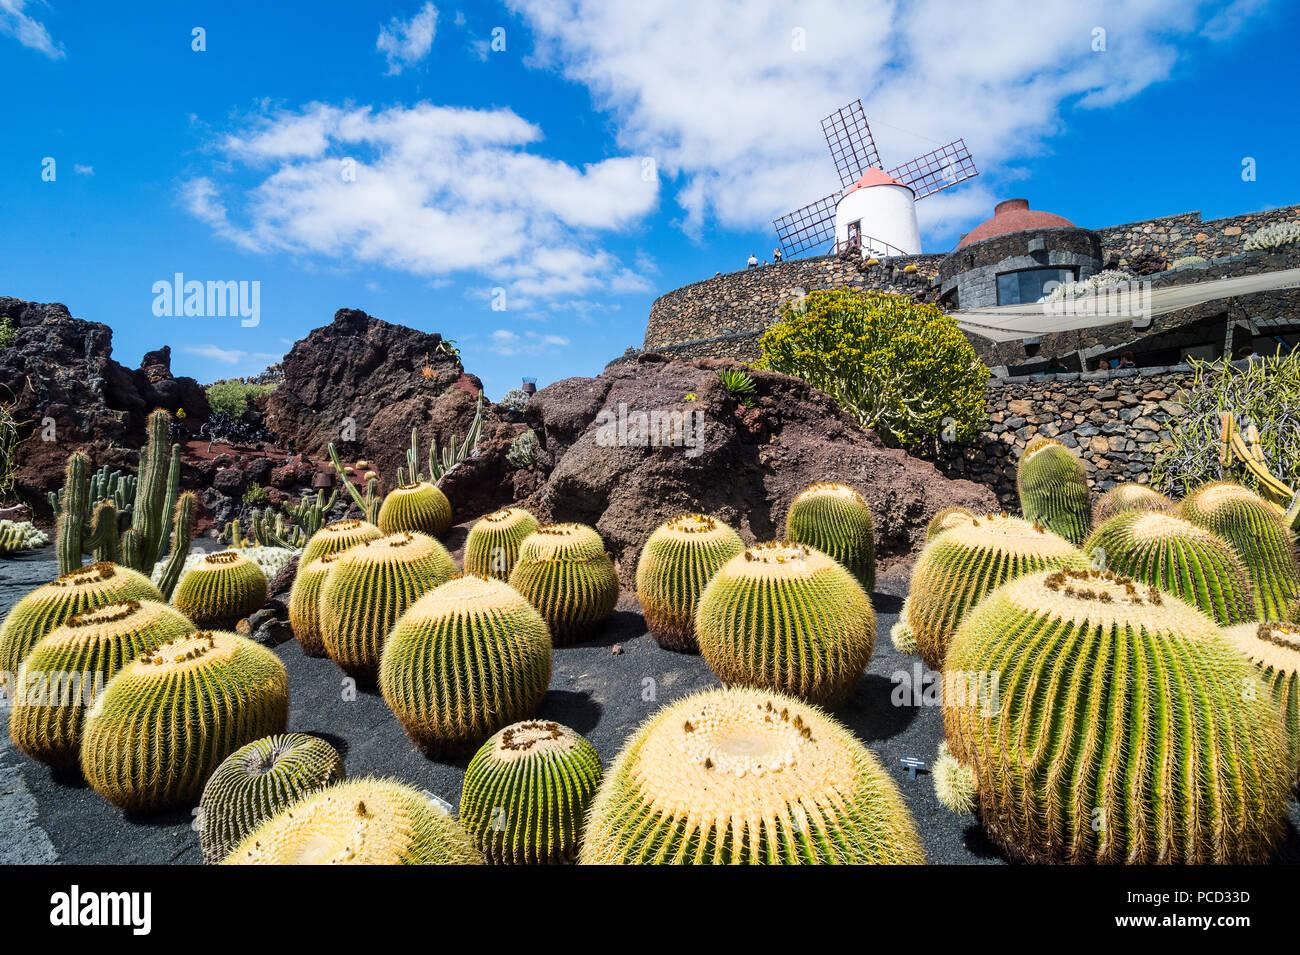 Jardin De Cactus Cactus Garden Cesar Manrique Lanzarote Canary